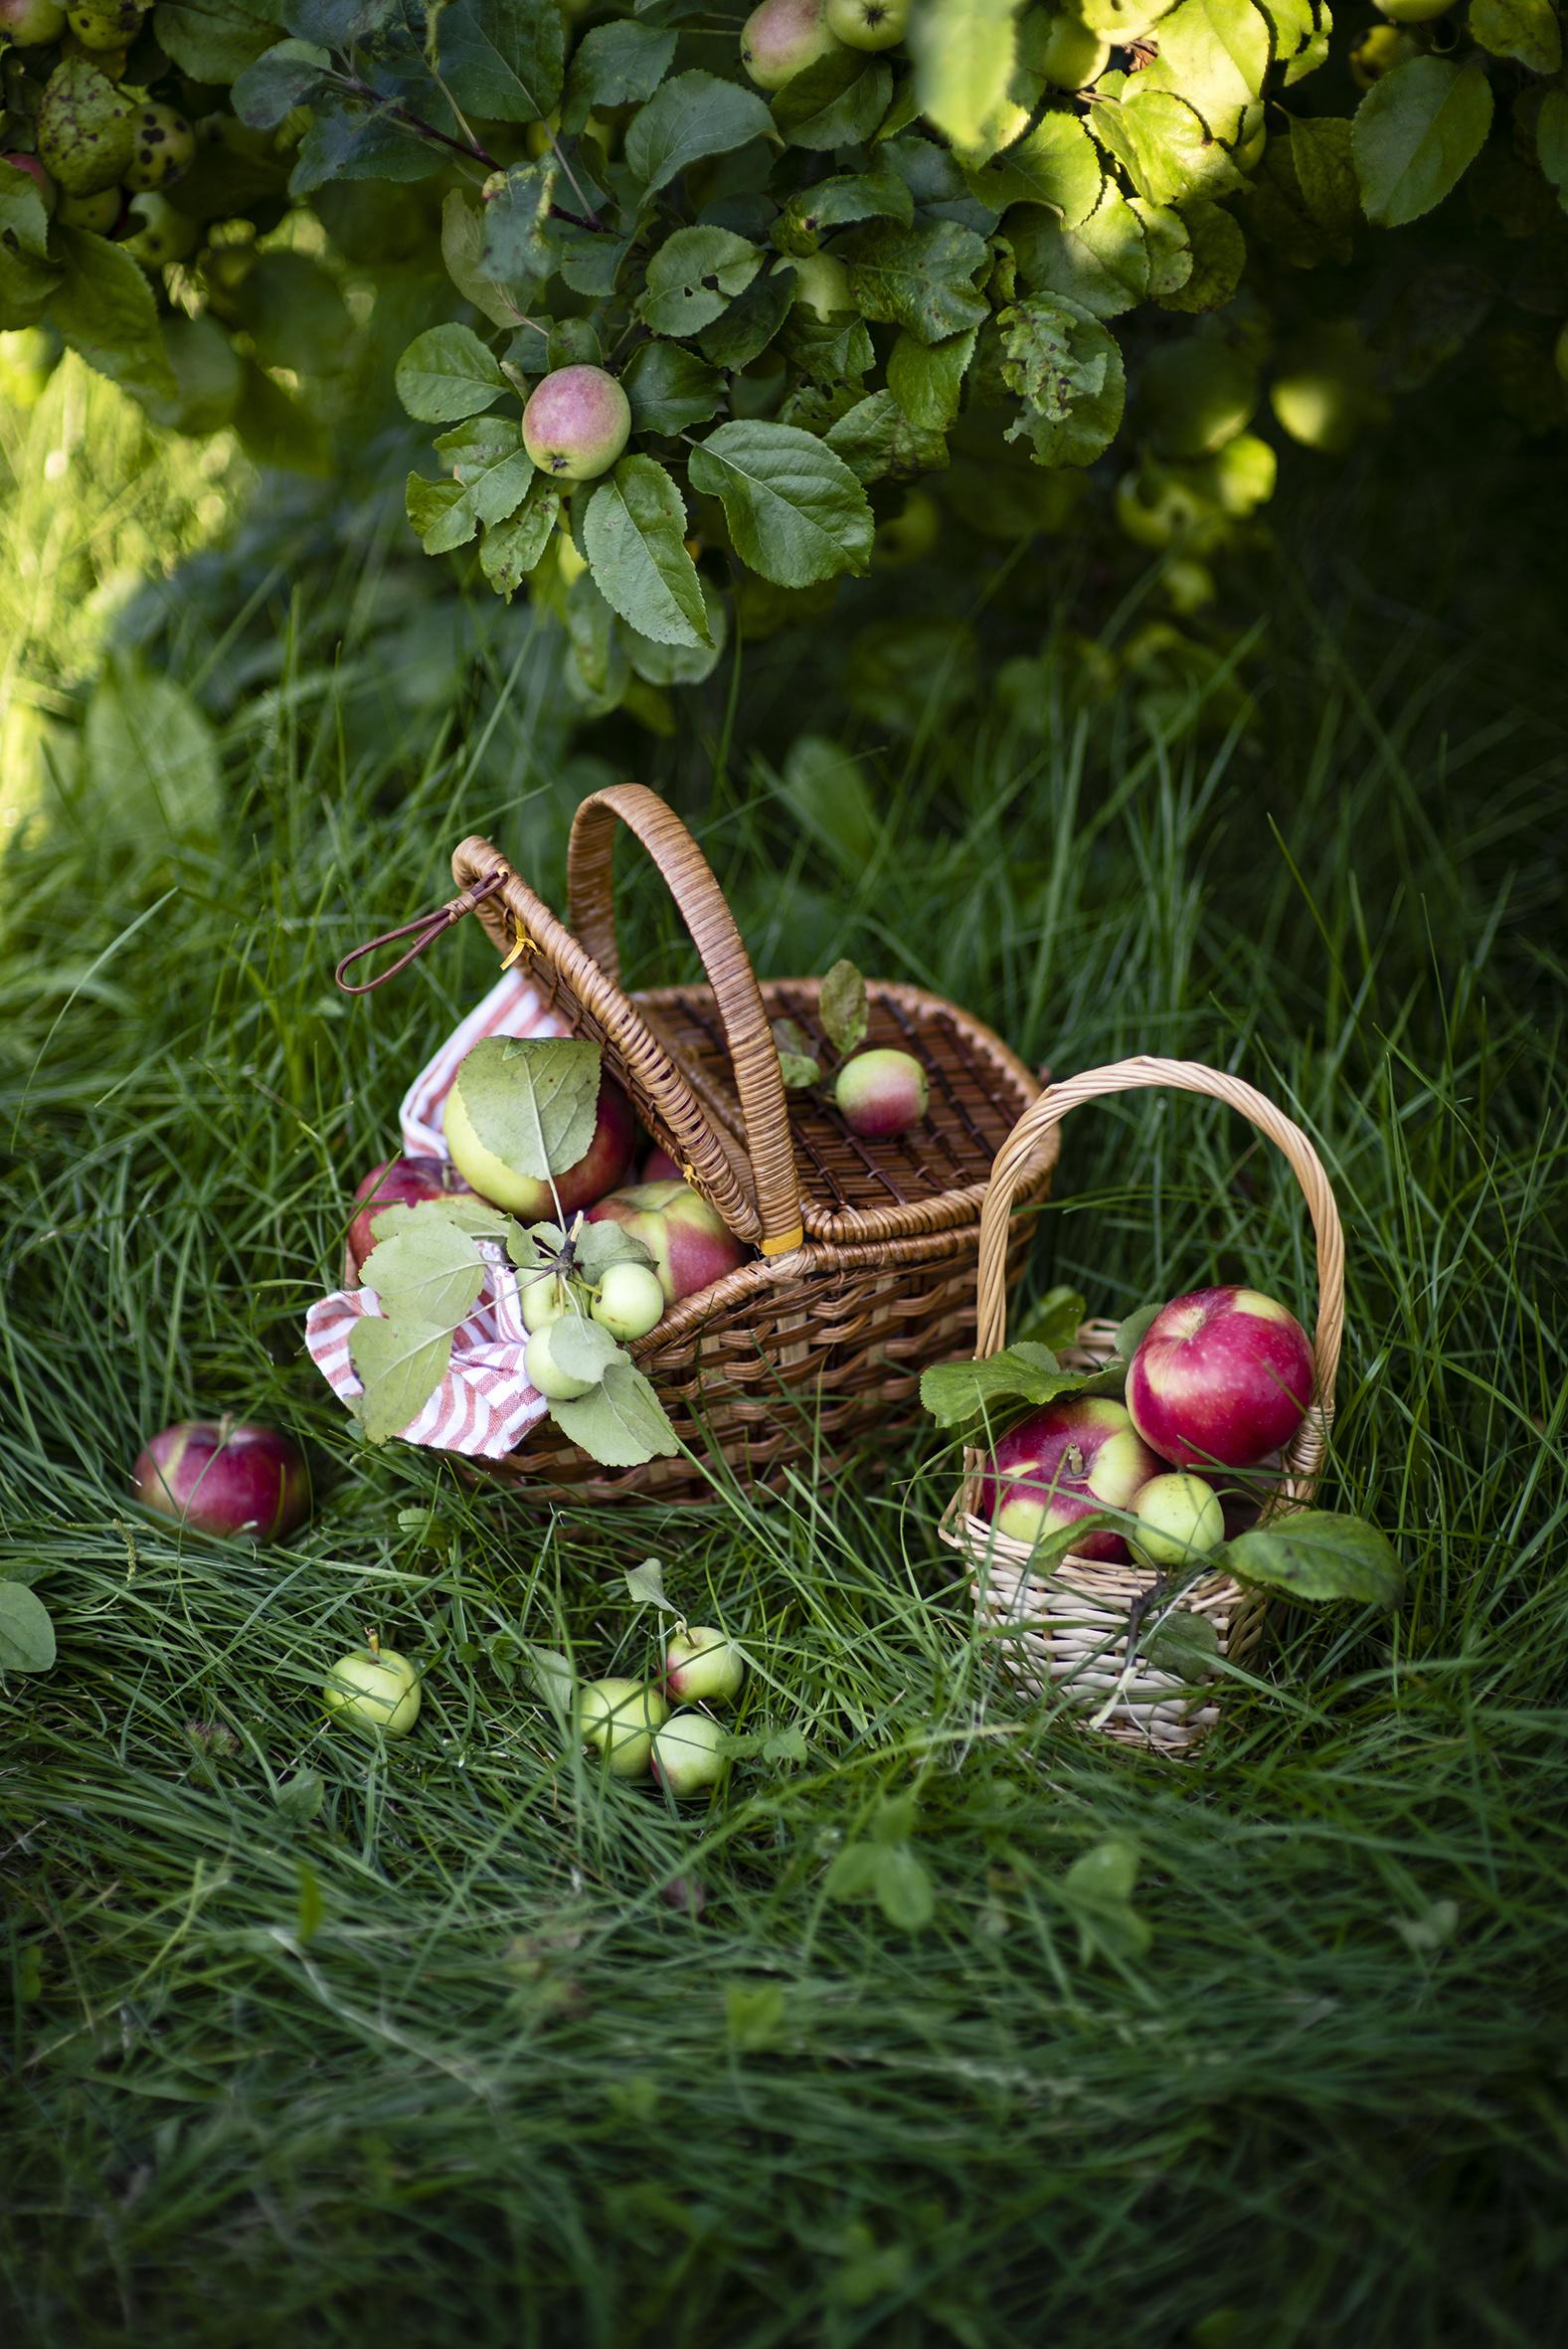 Фотографии Яблоки корзины Пища траве  для мобильного телефона Корзина Корзинка Еда Трава Продукты питания